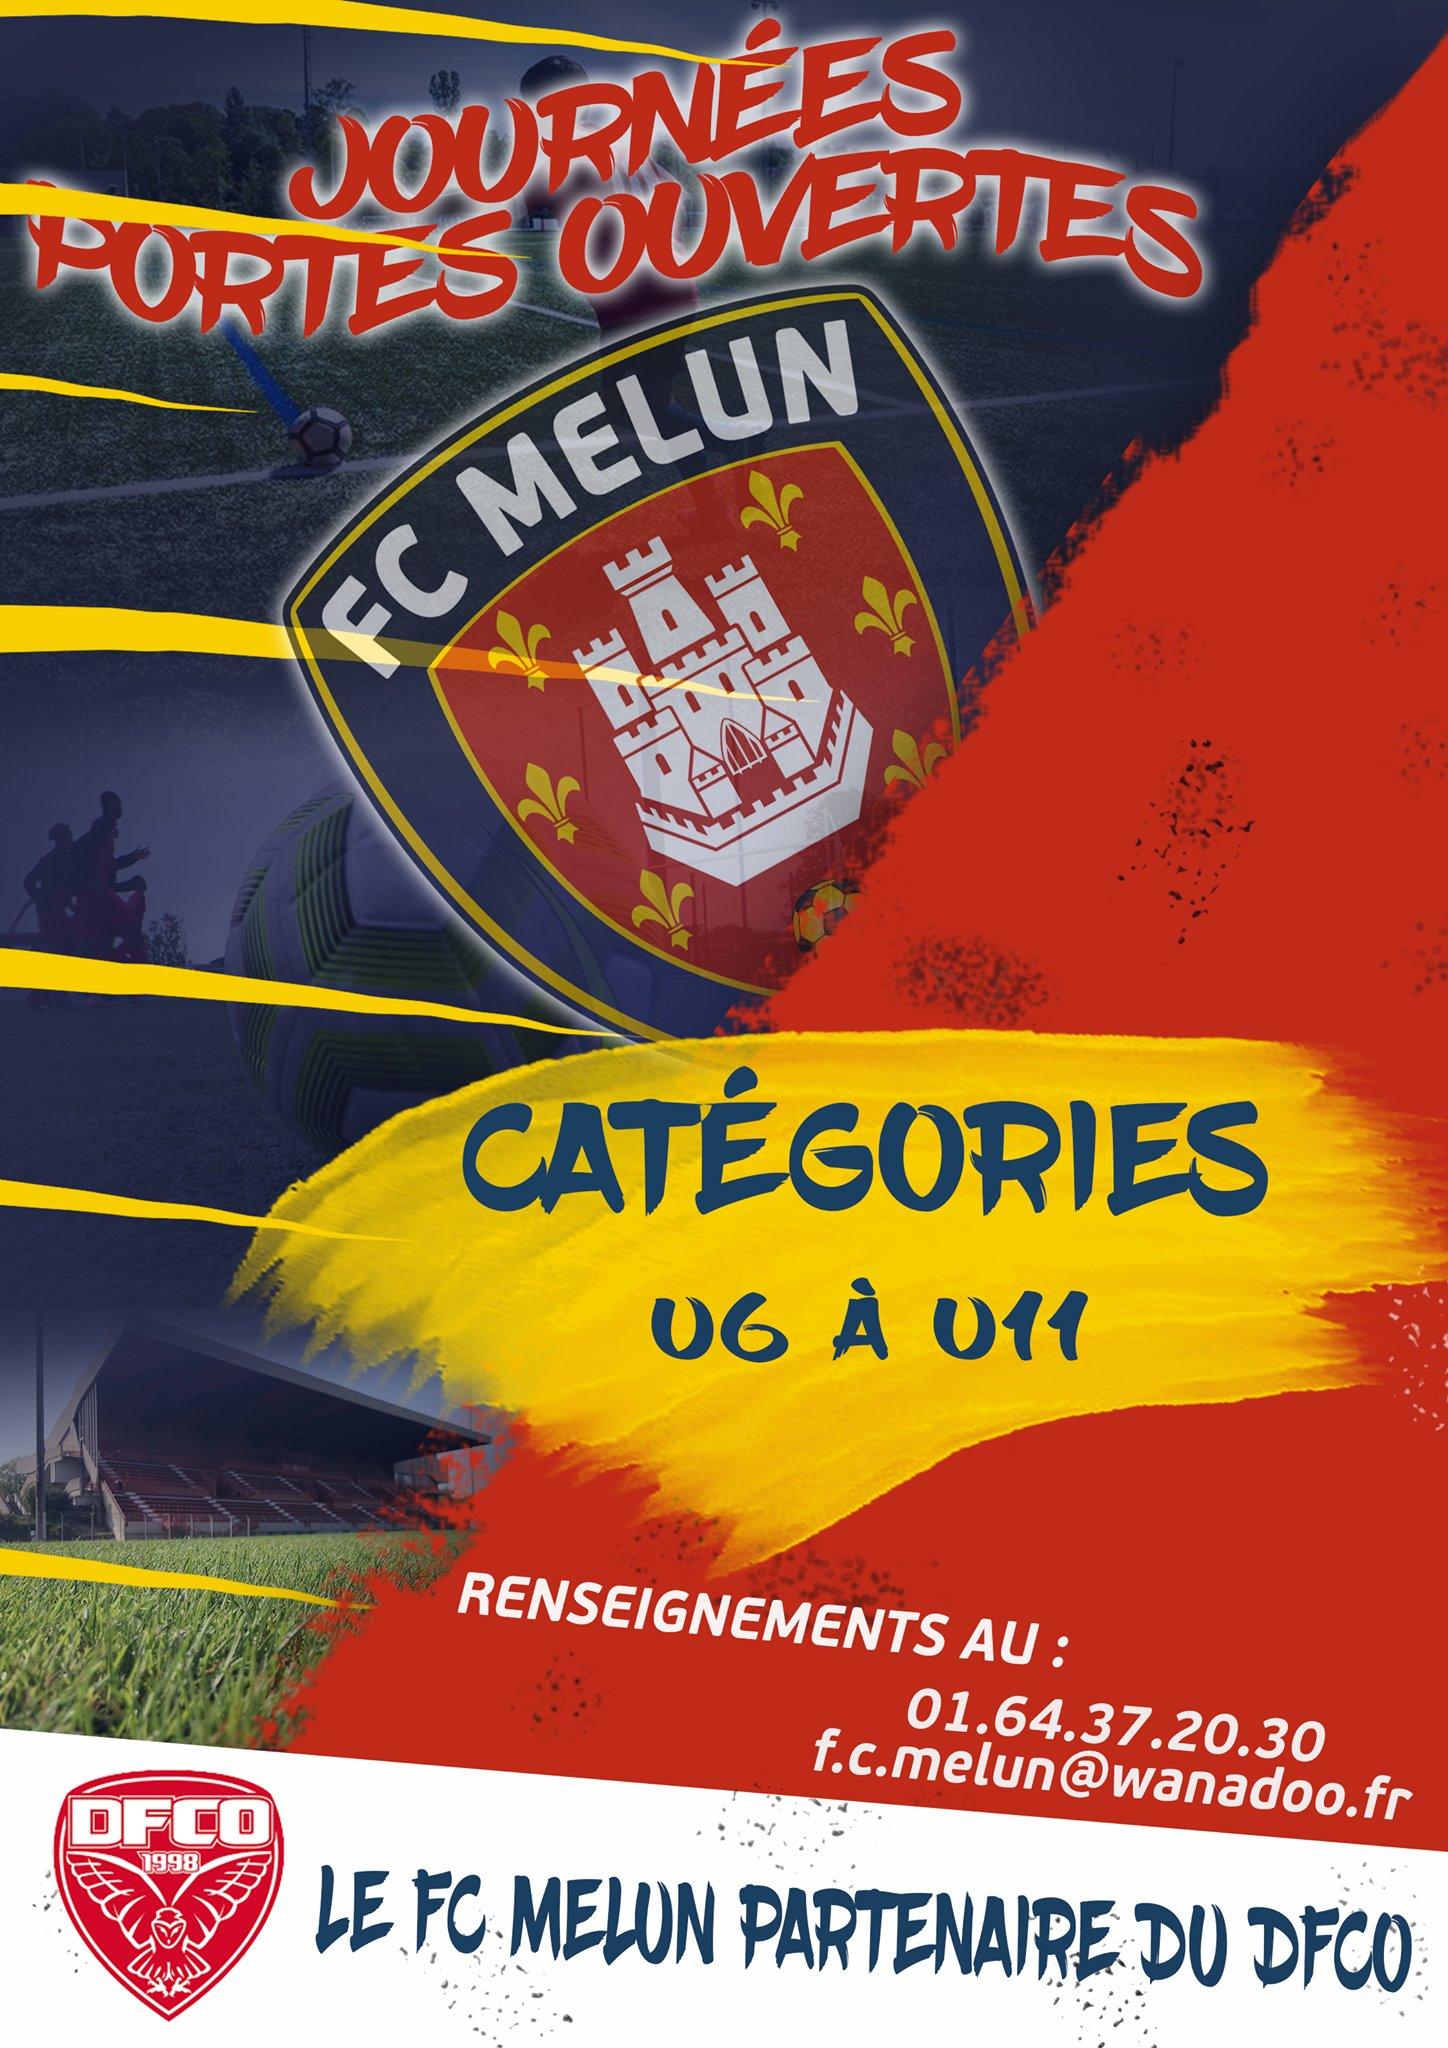 📣 En vue de préparer la prochaine saison 2021-2022, le FC Melun organise sa dernière journée portes ouvertes, pour son Ecole de Football. 🧒👧 Section Garçons et Filles 🧒👧